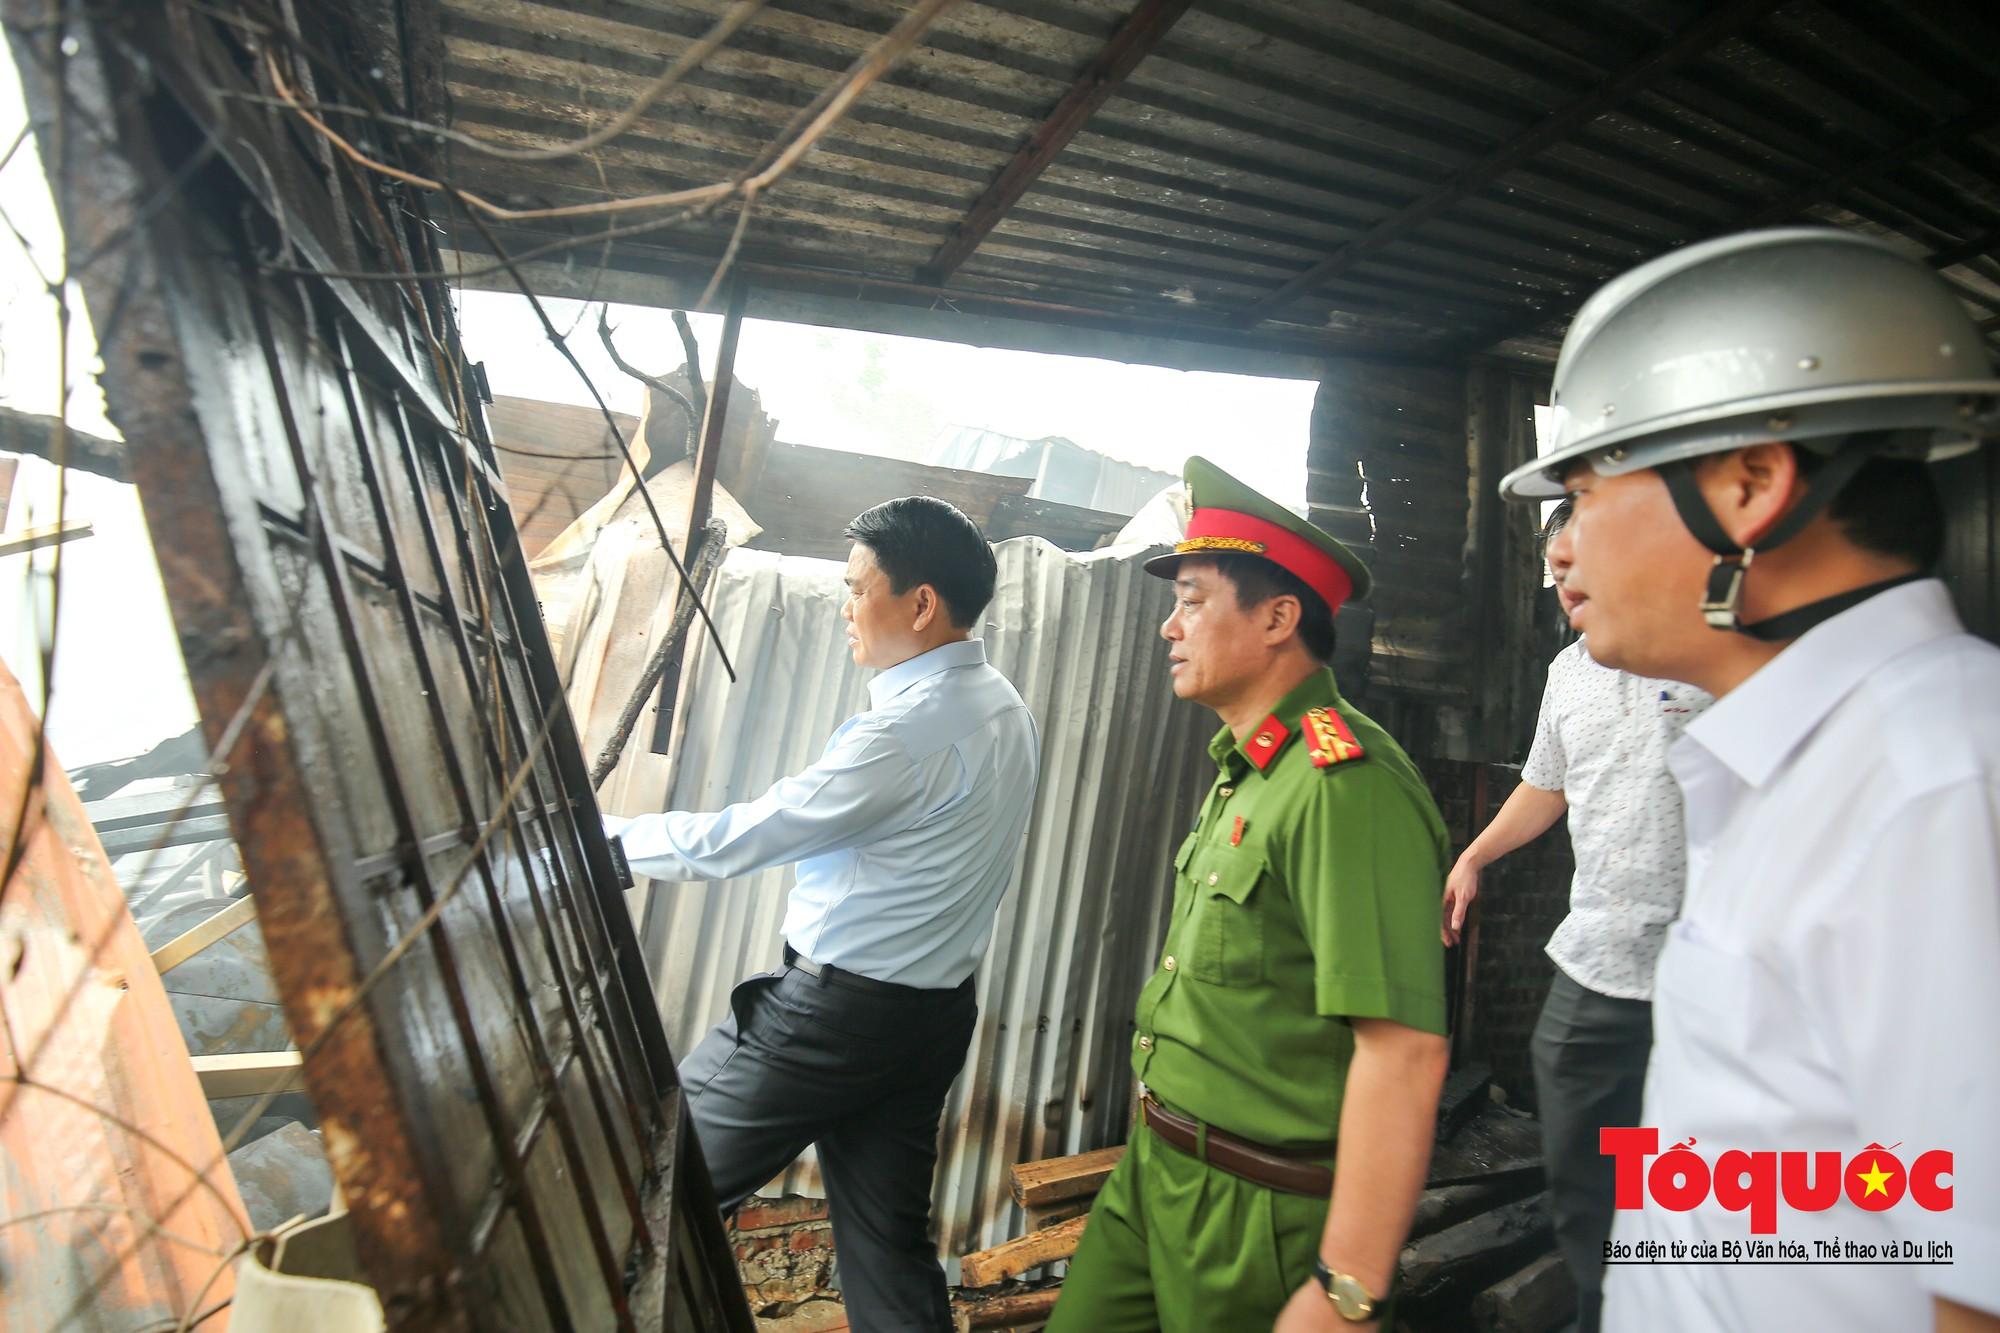 Cận cảnh hiện trường vụ Cháy thảm khốc ở Trung Văn, 8 người chết và mất tích - Ảnh 7.